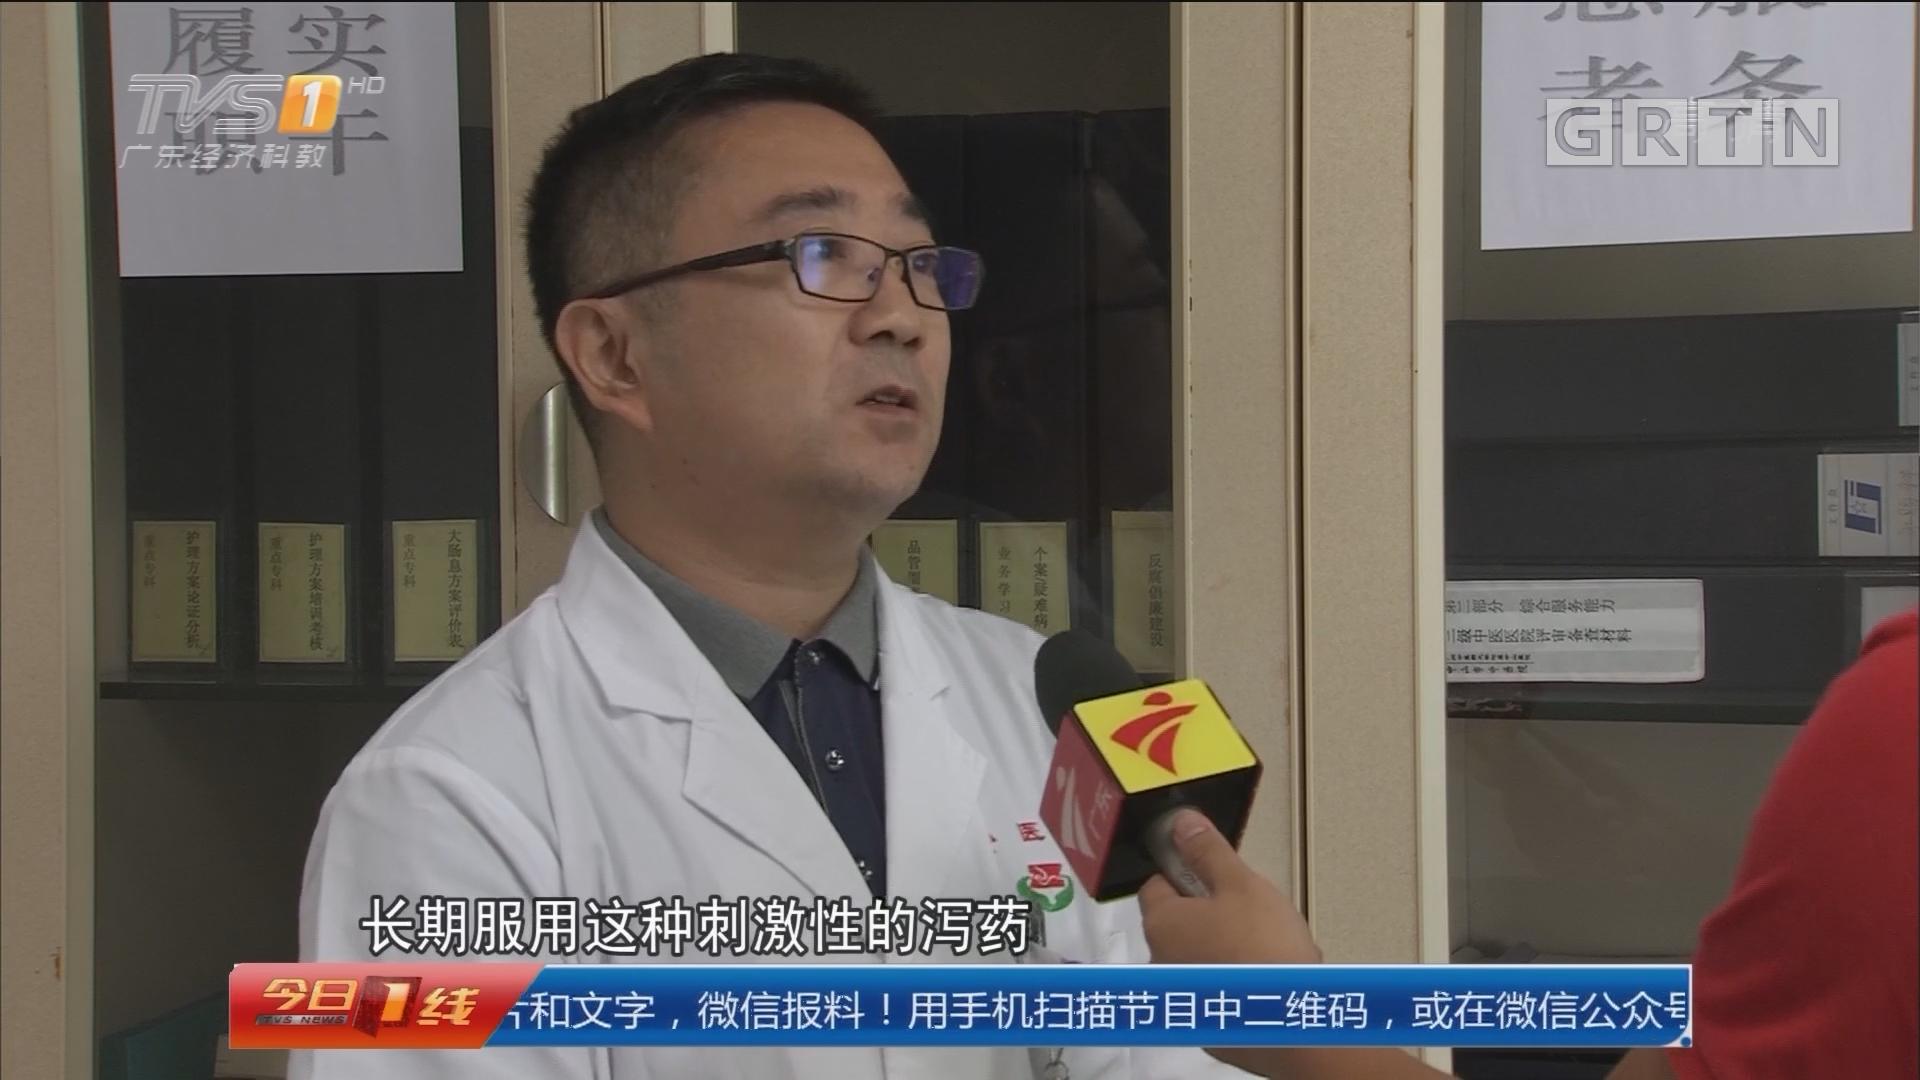 中山:患者肠道发黑 疑过度饮用通便茶